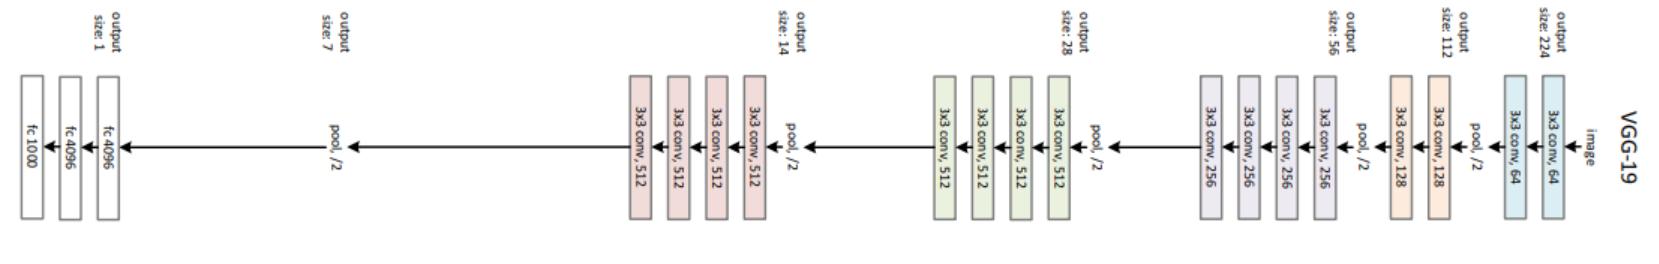 VGG-19 architecture